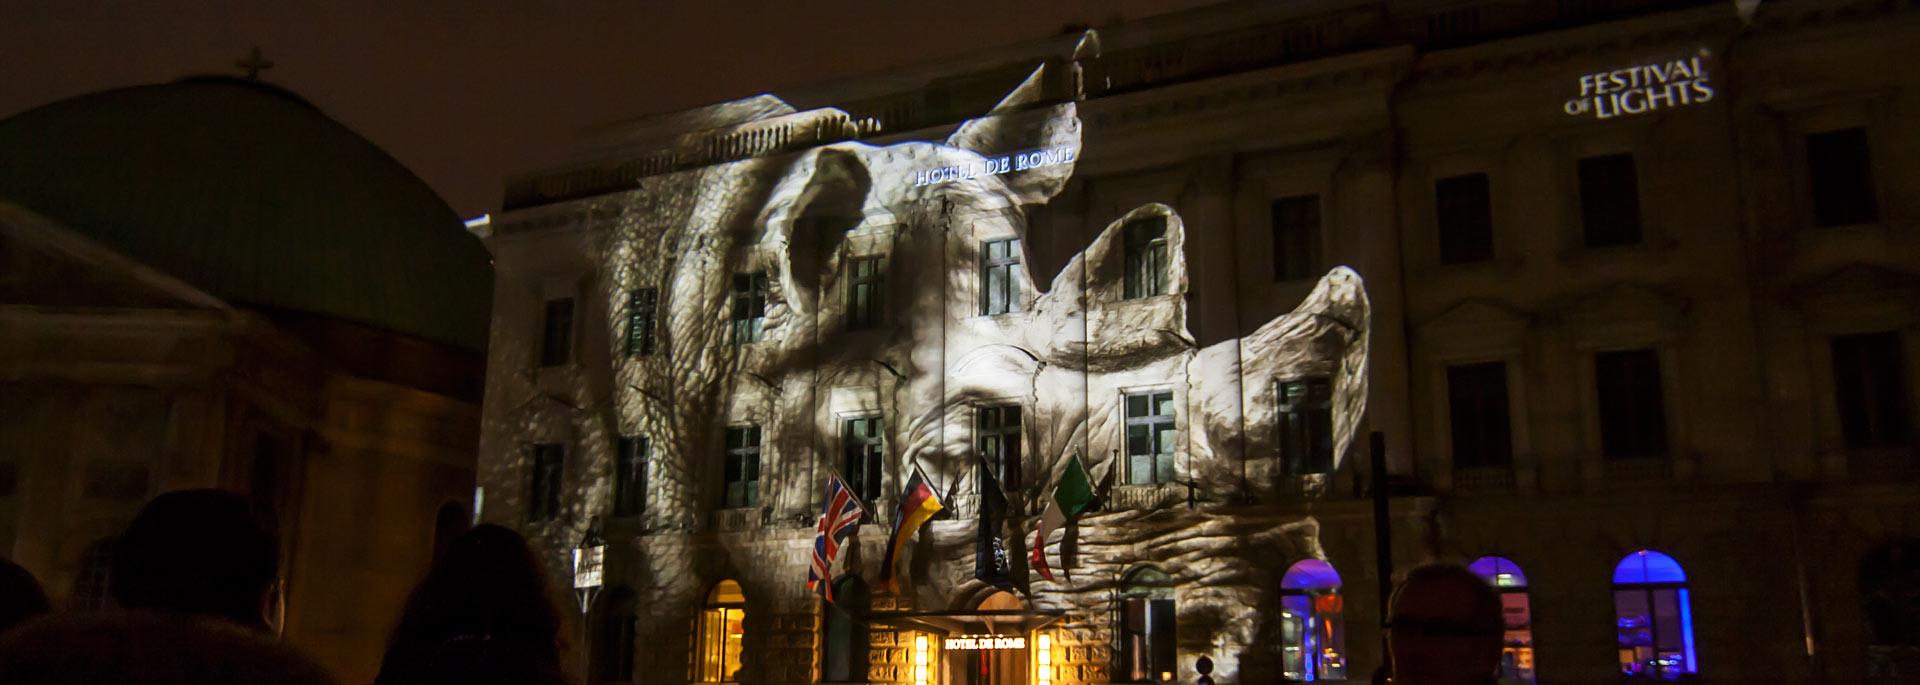 Warum mich das Berliner Festival of Lights schon wieder enttäuschte